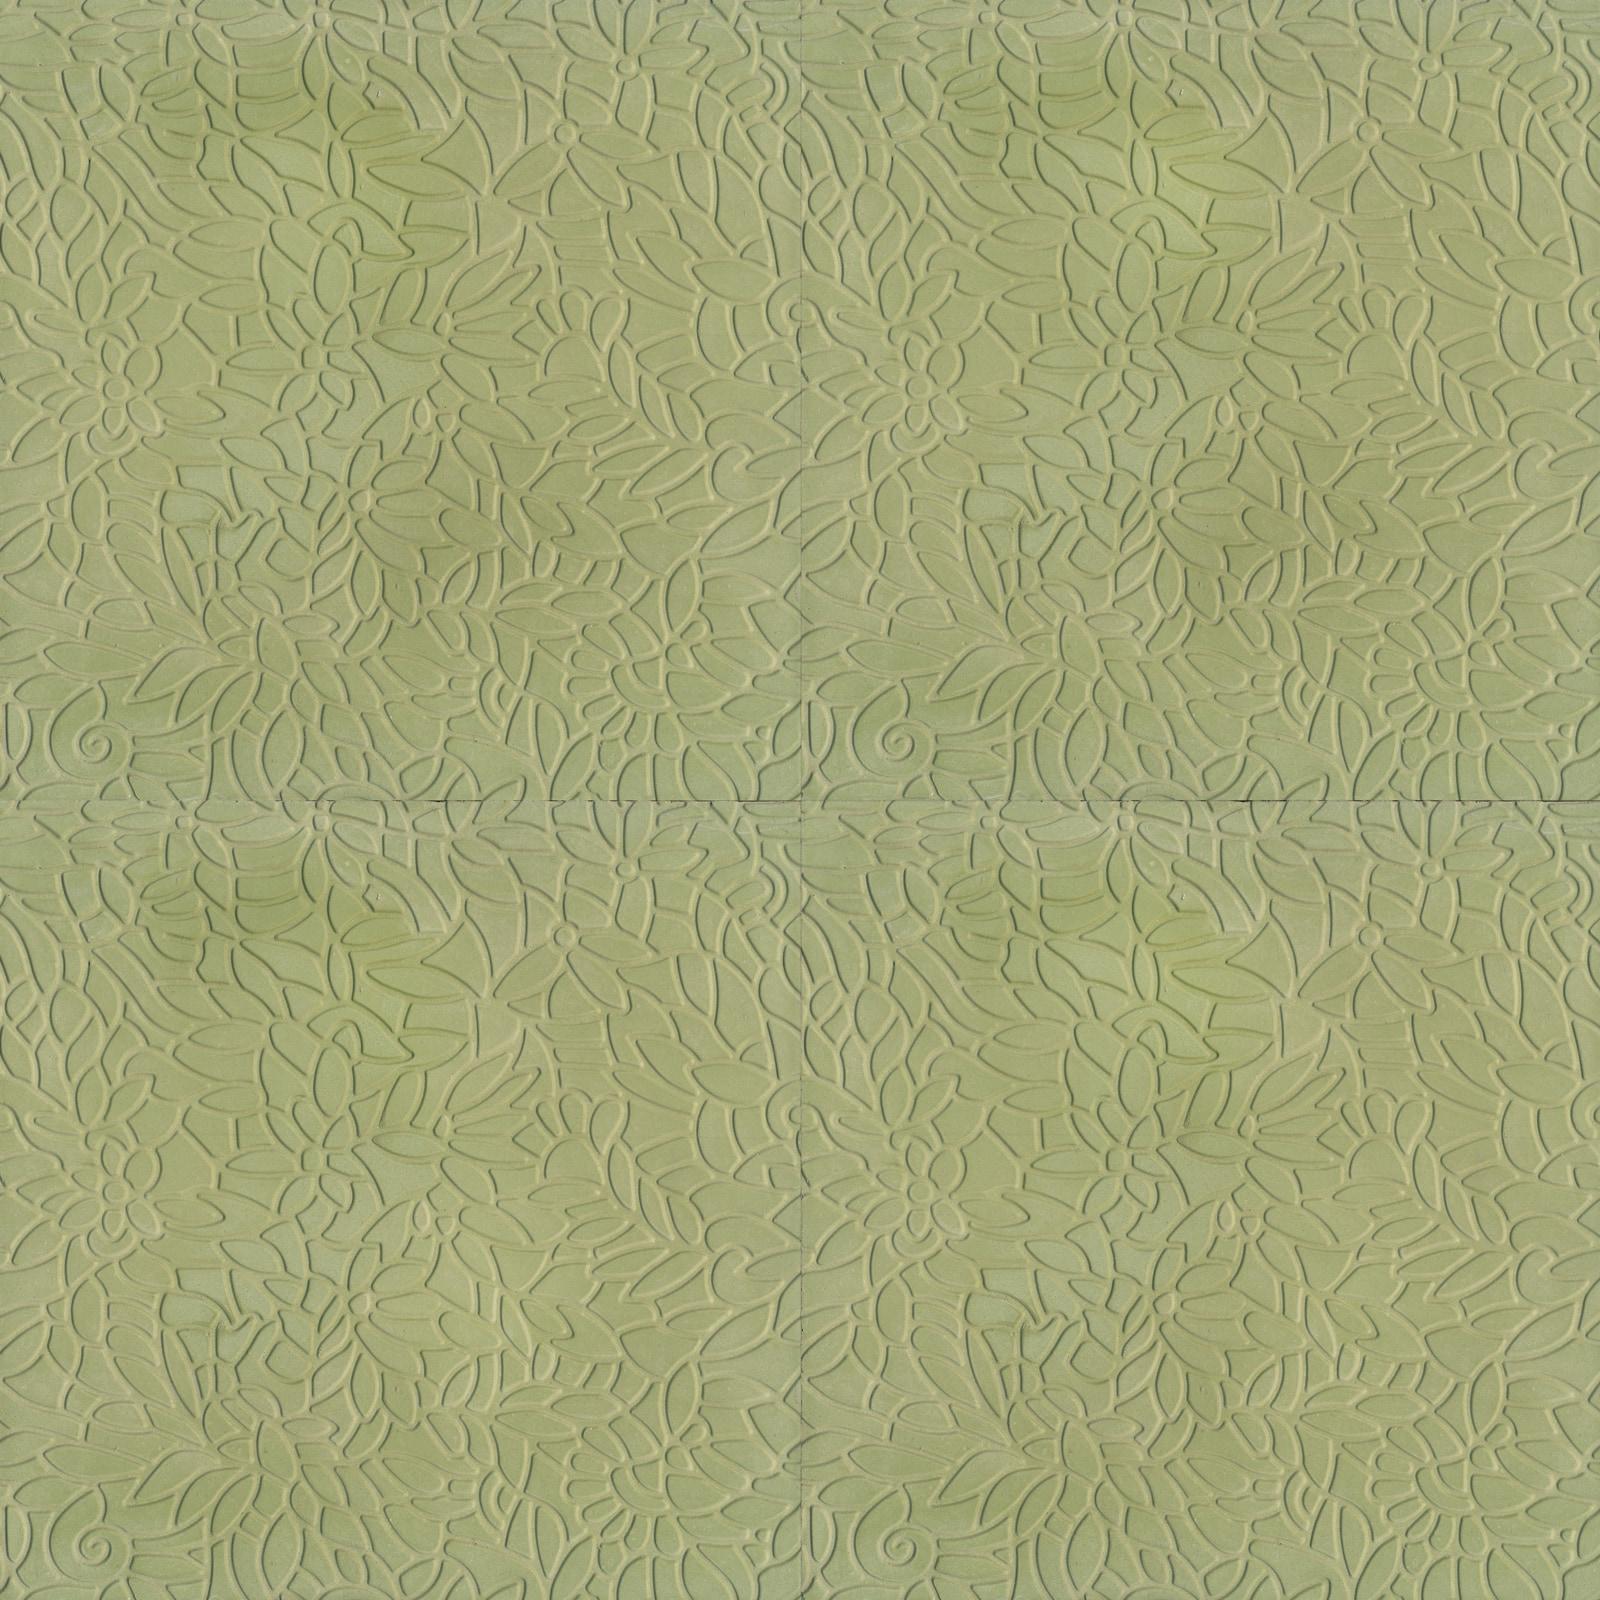 VIA-Platte-nr.40821-verlegemuster-viaplatten | 40821